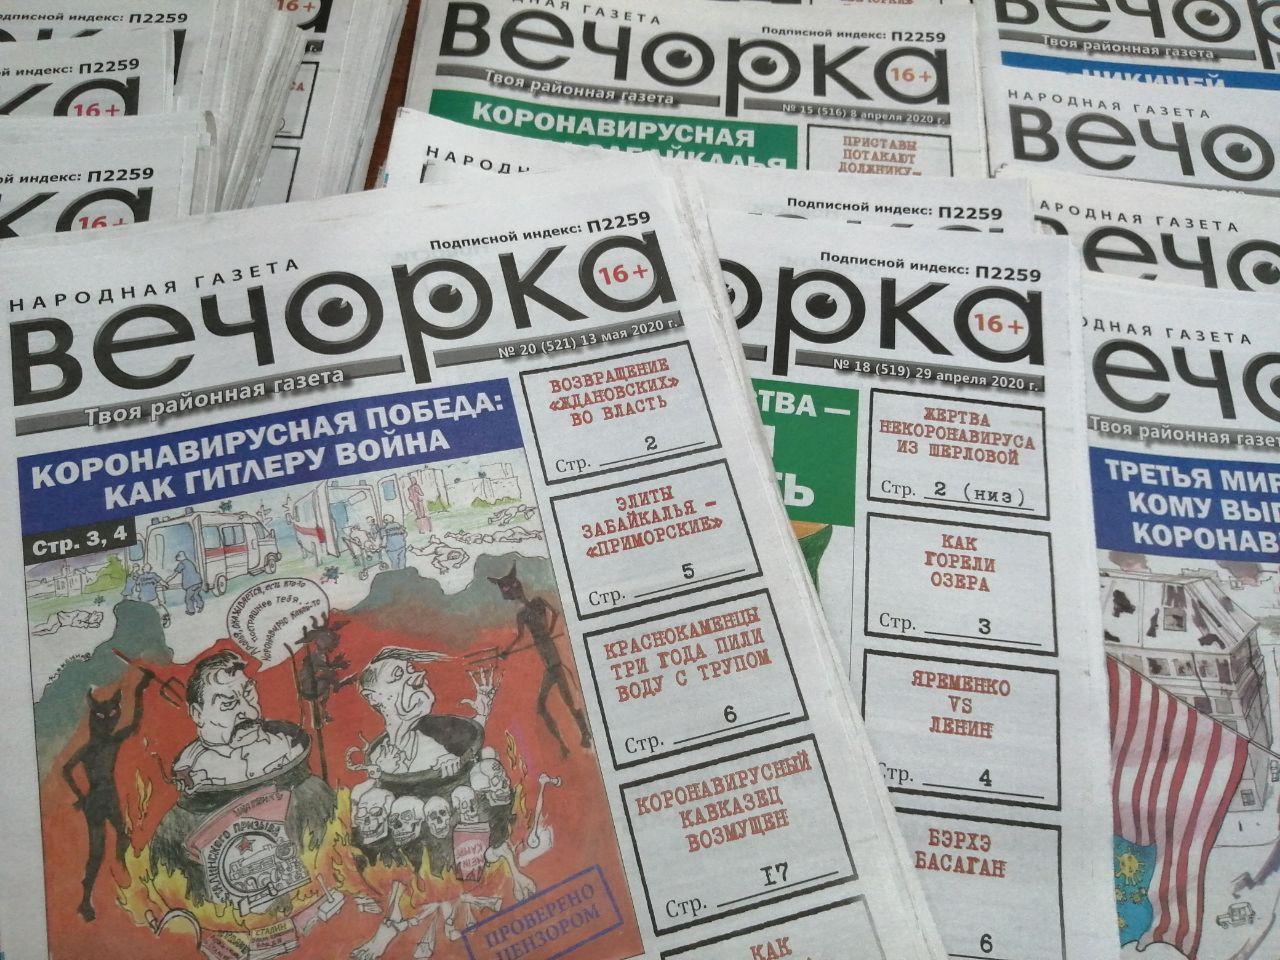 «Вечорка» - лидер по цитируемости среди печатных СМИ в Забайкалье